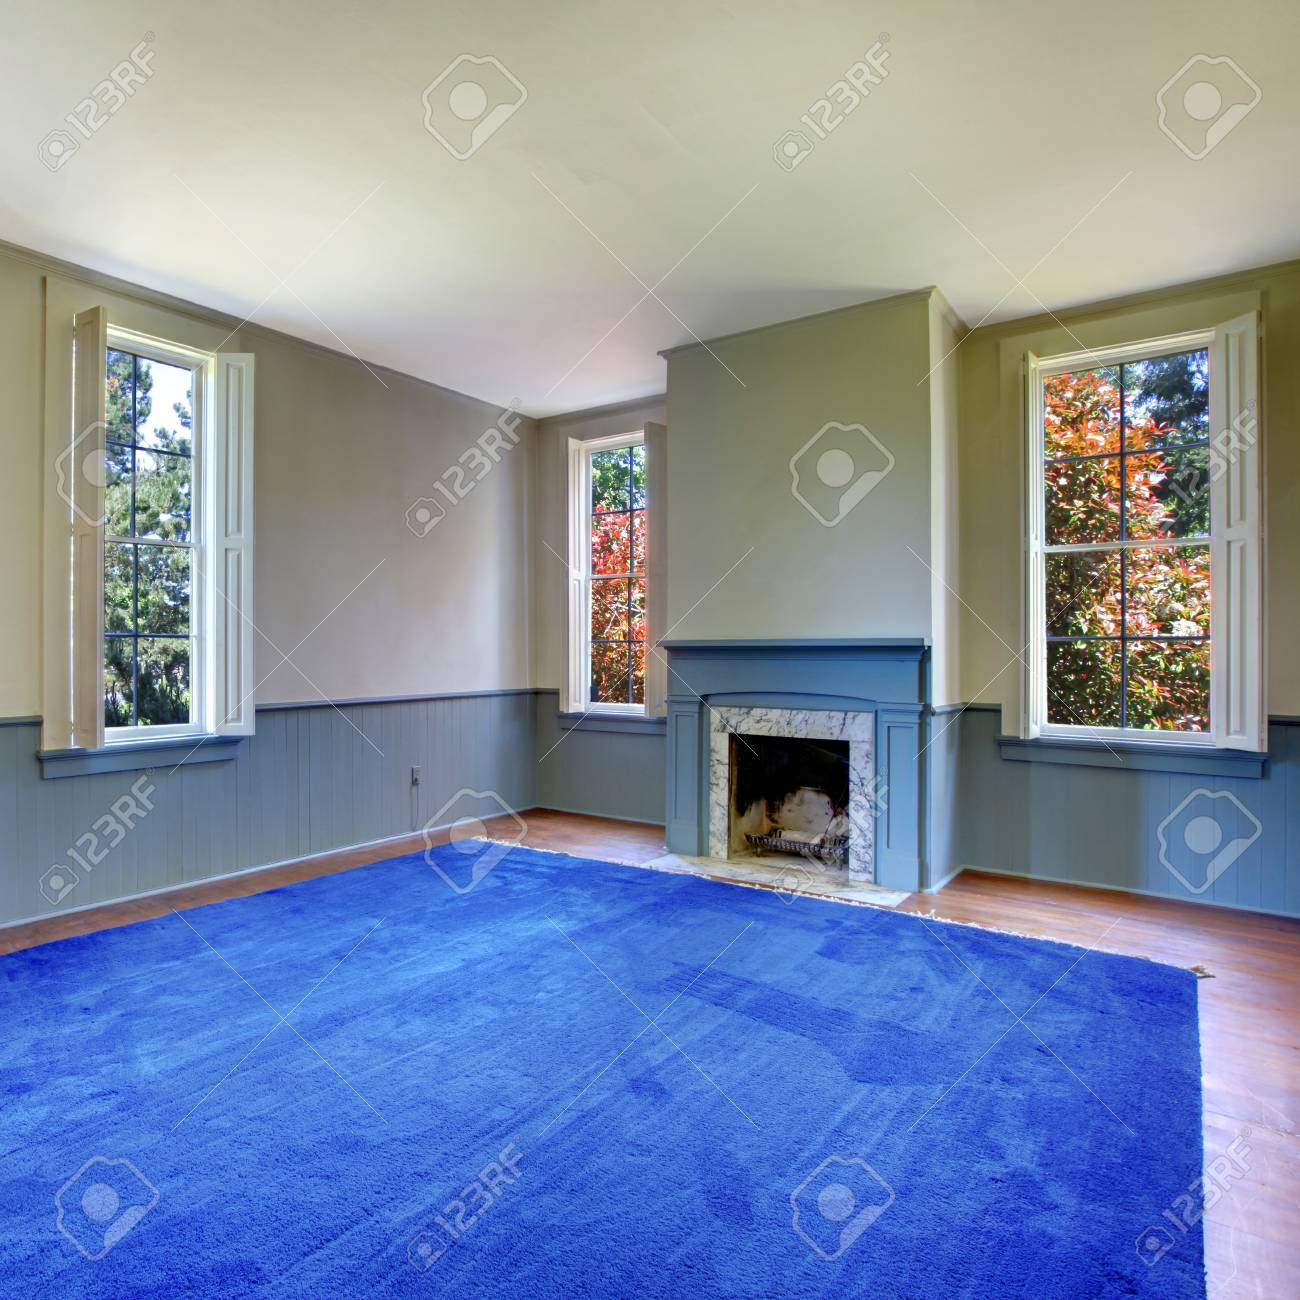 Mur En Parement Salon salon vide intérieur de la chambre. cheminée ancienne en marbre mentale et  blanc bleu, mur de parement garniture.